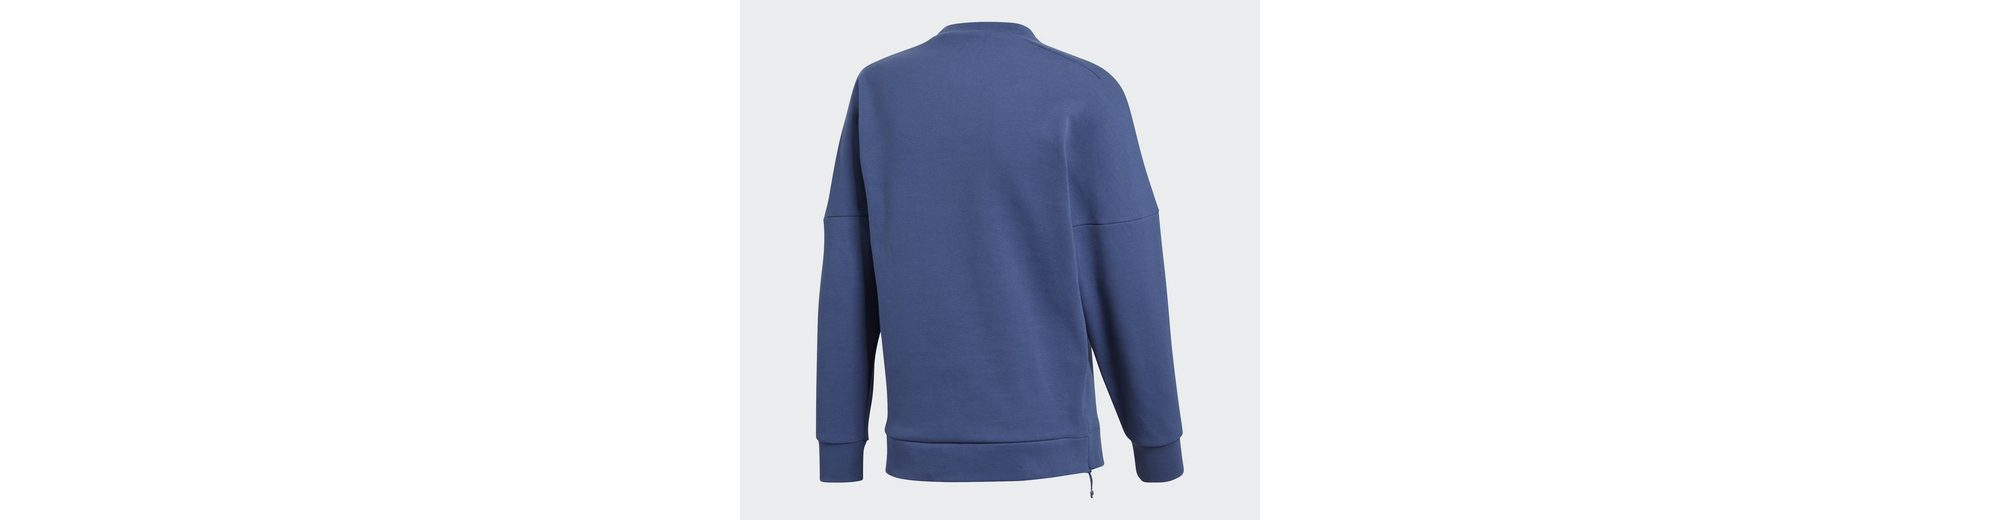 adidas Performance Kapuzenpullover Z.N.E. Sweatshirt Kaufen Angebot Billig Einkaufen QXrjCWdX